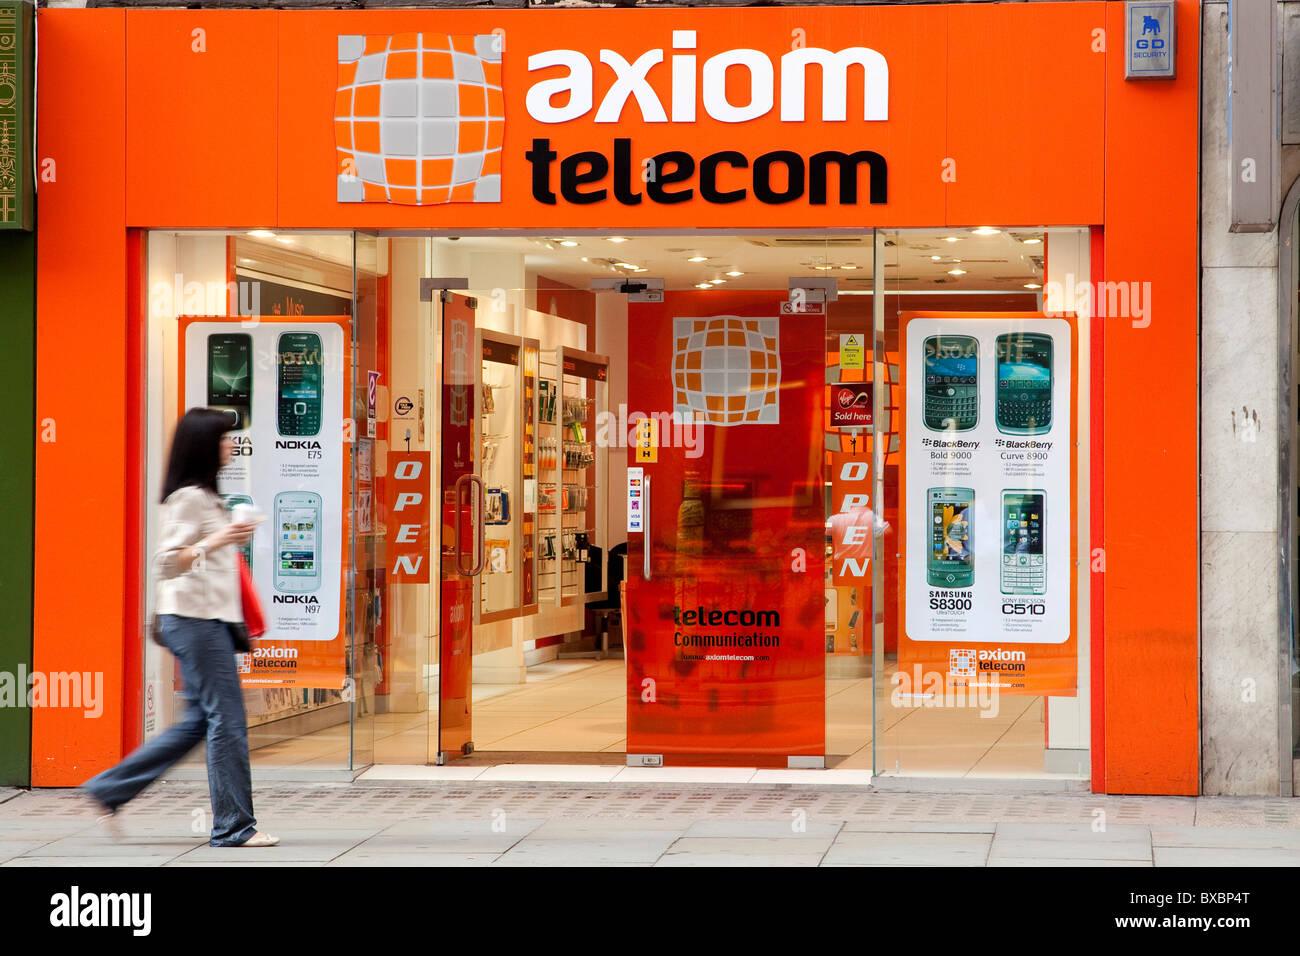 Telecom Store Stock Photos & Telecom Store Stock Images - Alamy